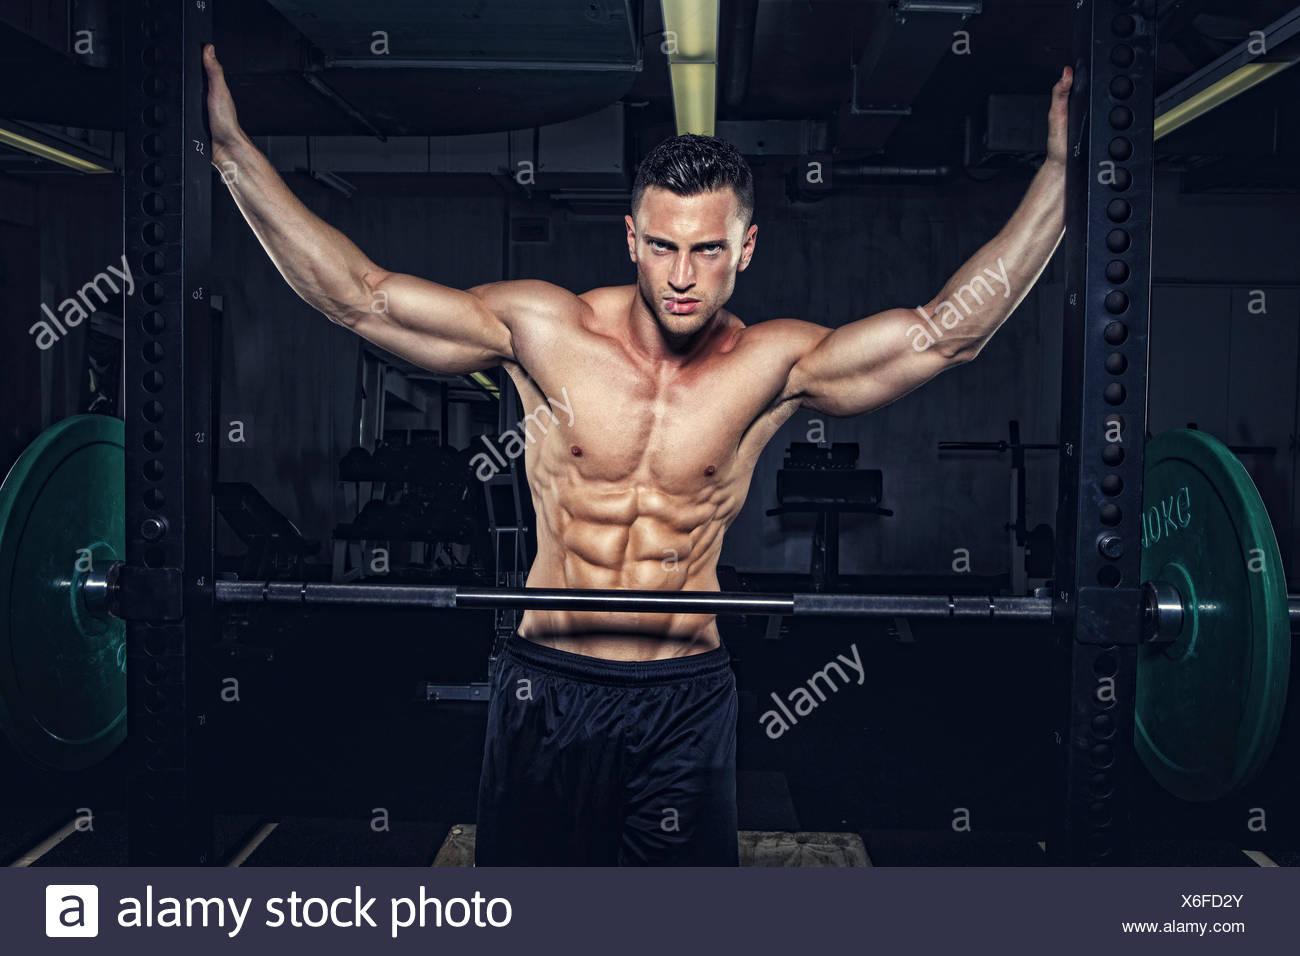 Physische Athlet bei Power-Rack im Fitness-Studio Stockbild